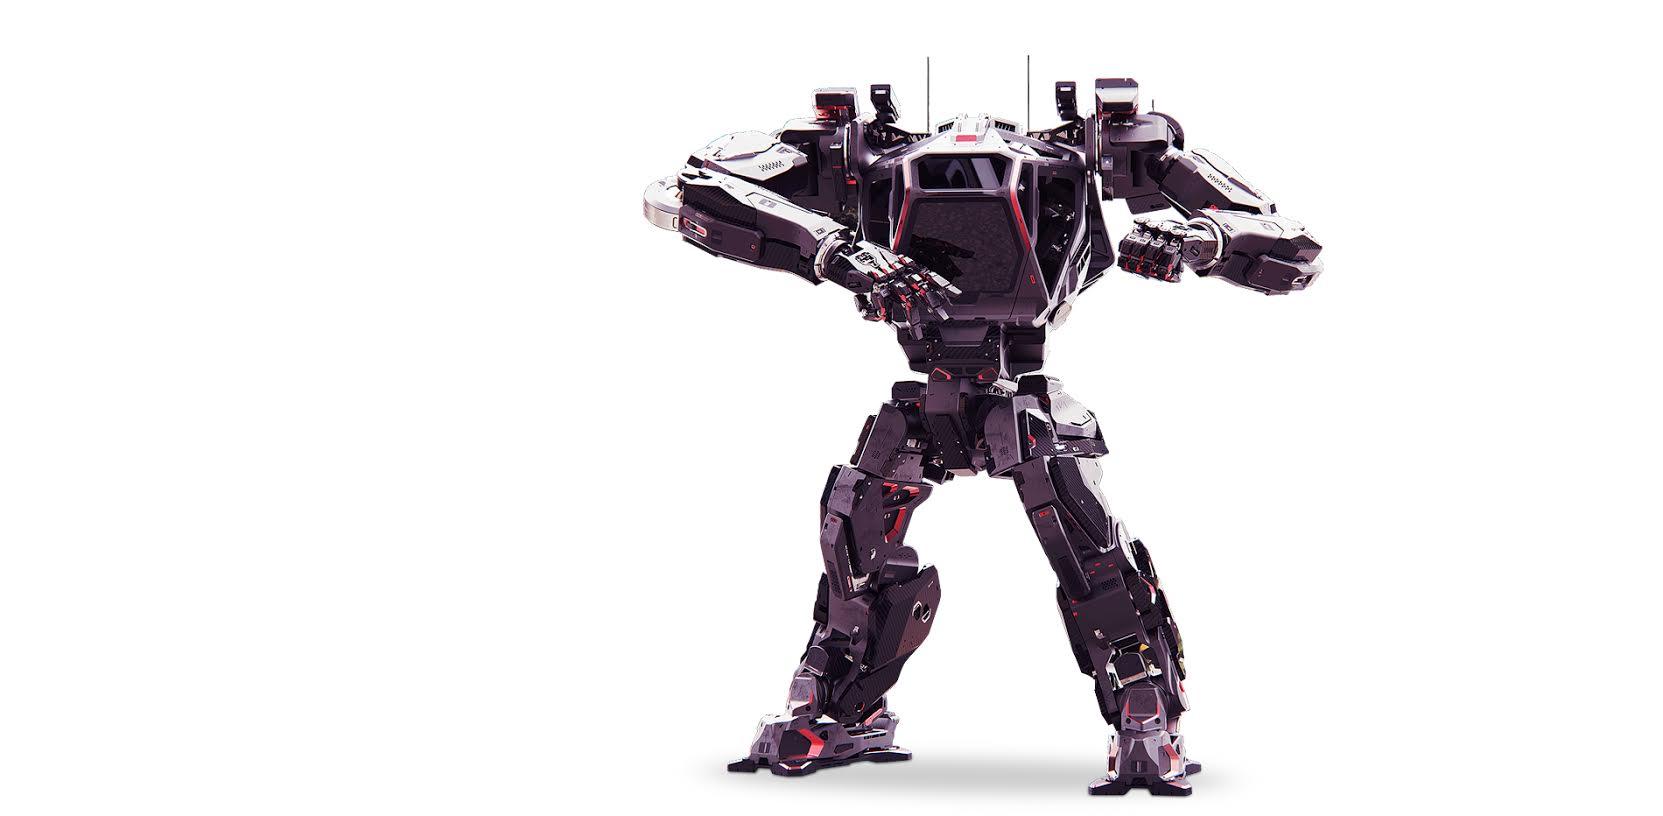 Method-2 – робот, сошедший с экрана